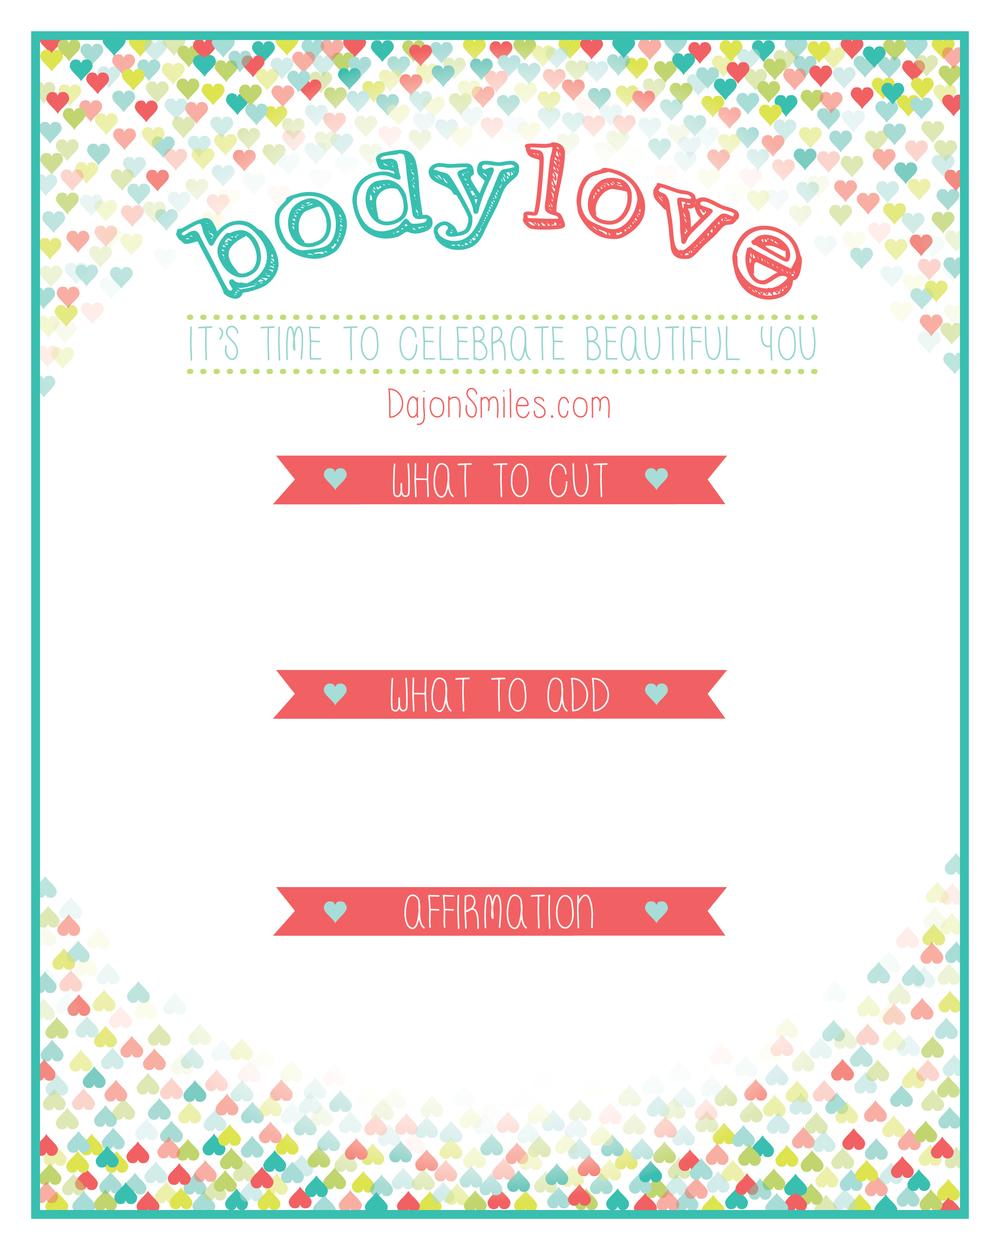 Body Love Week 1.jpg